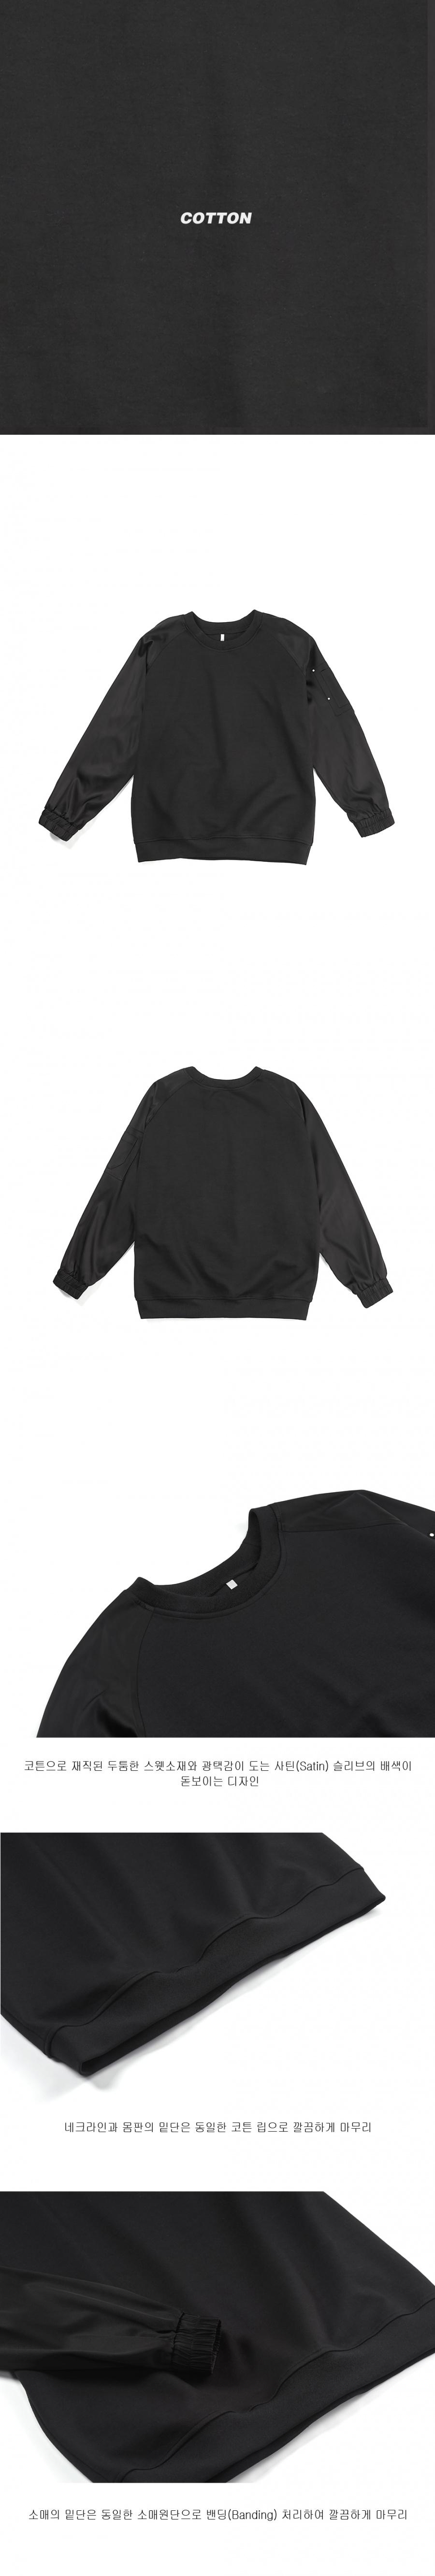 노이어(NOIRER) 필드 스웻 셔츠